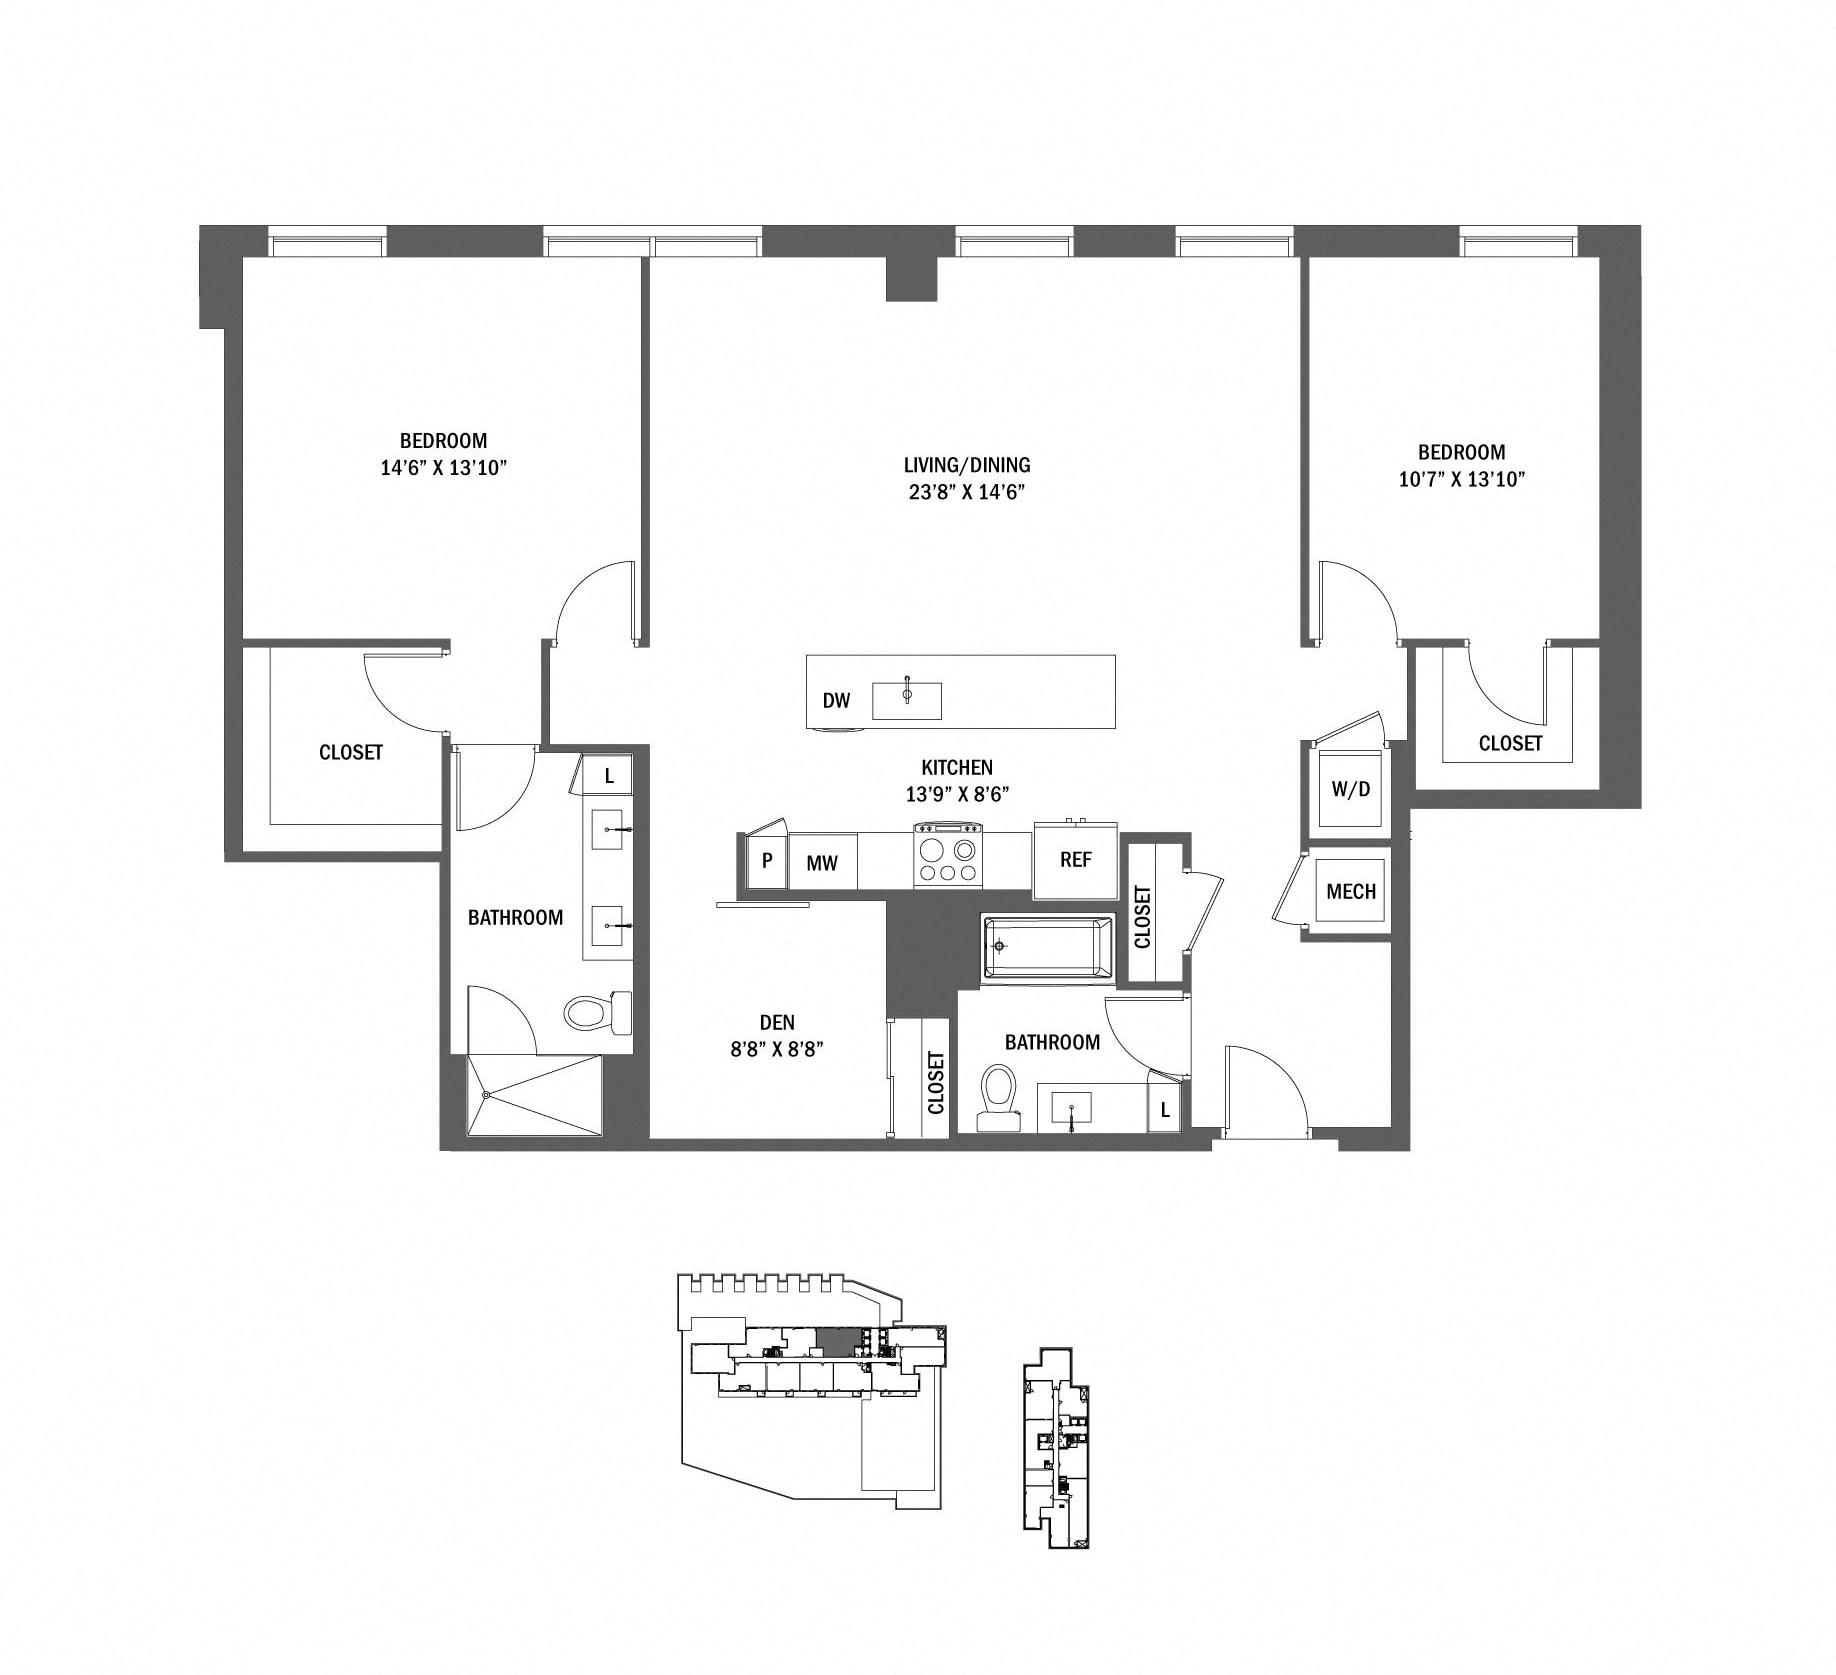 P0625338 w01 p 2 floorplan